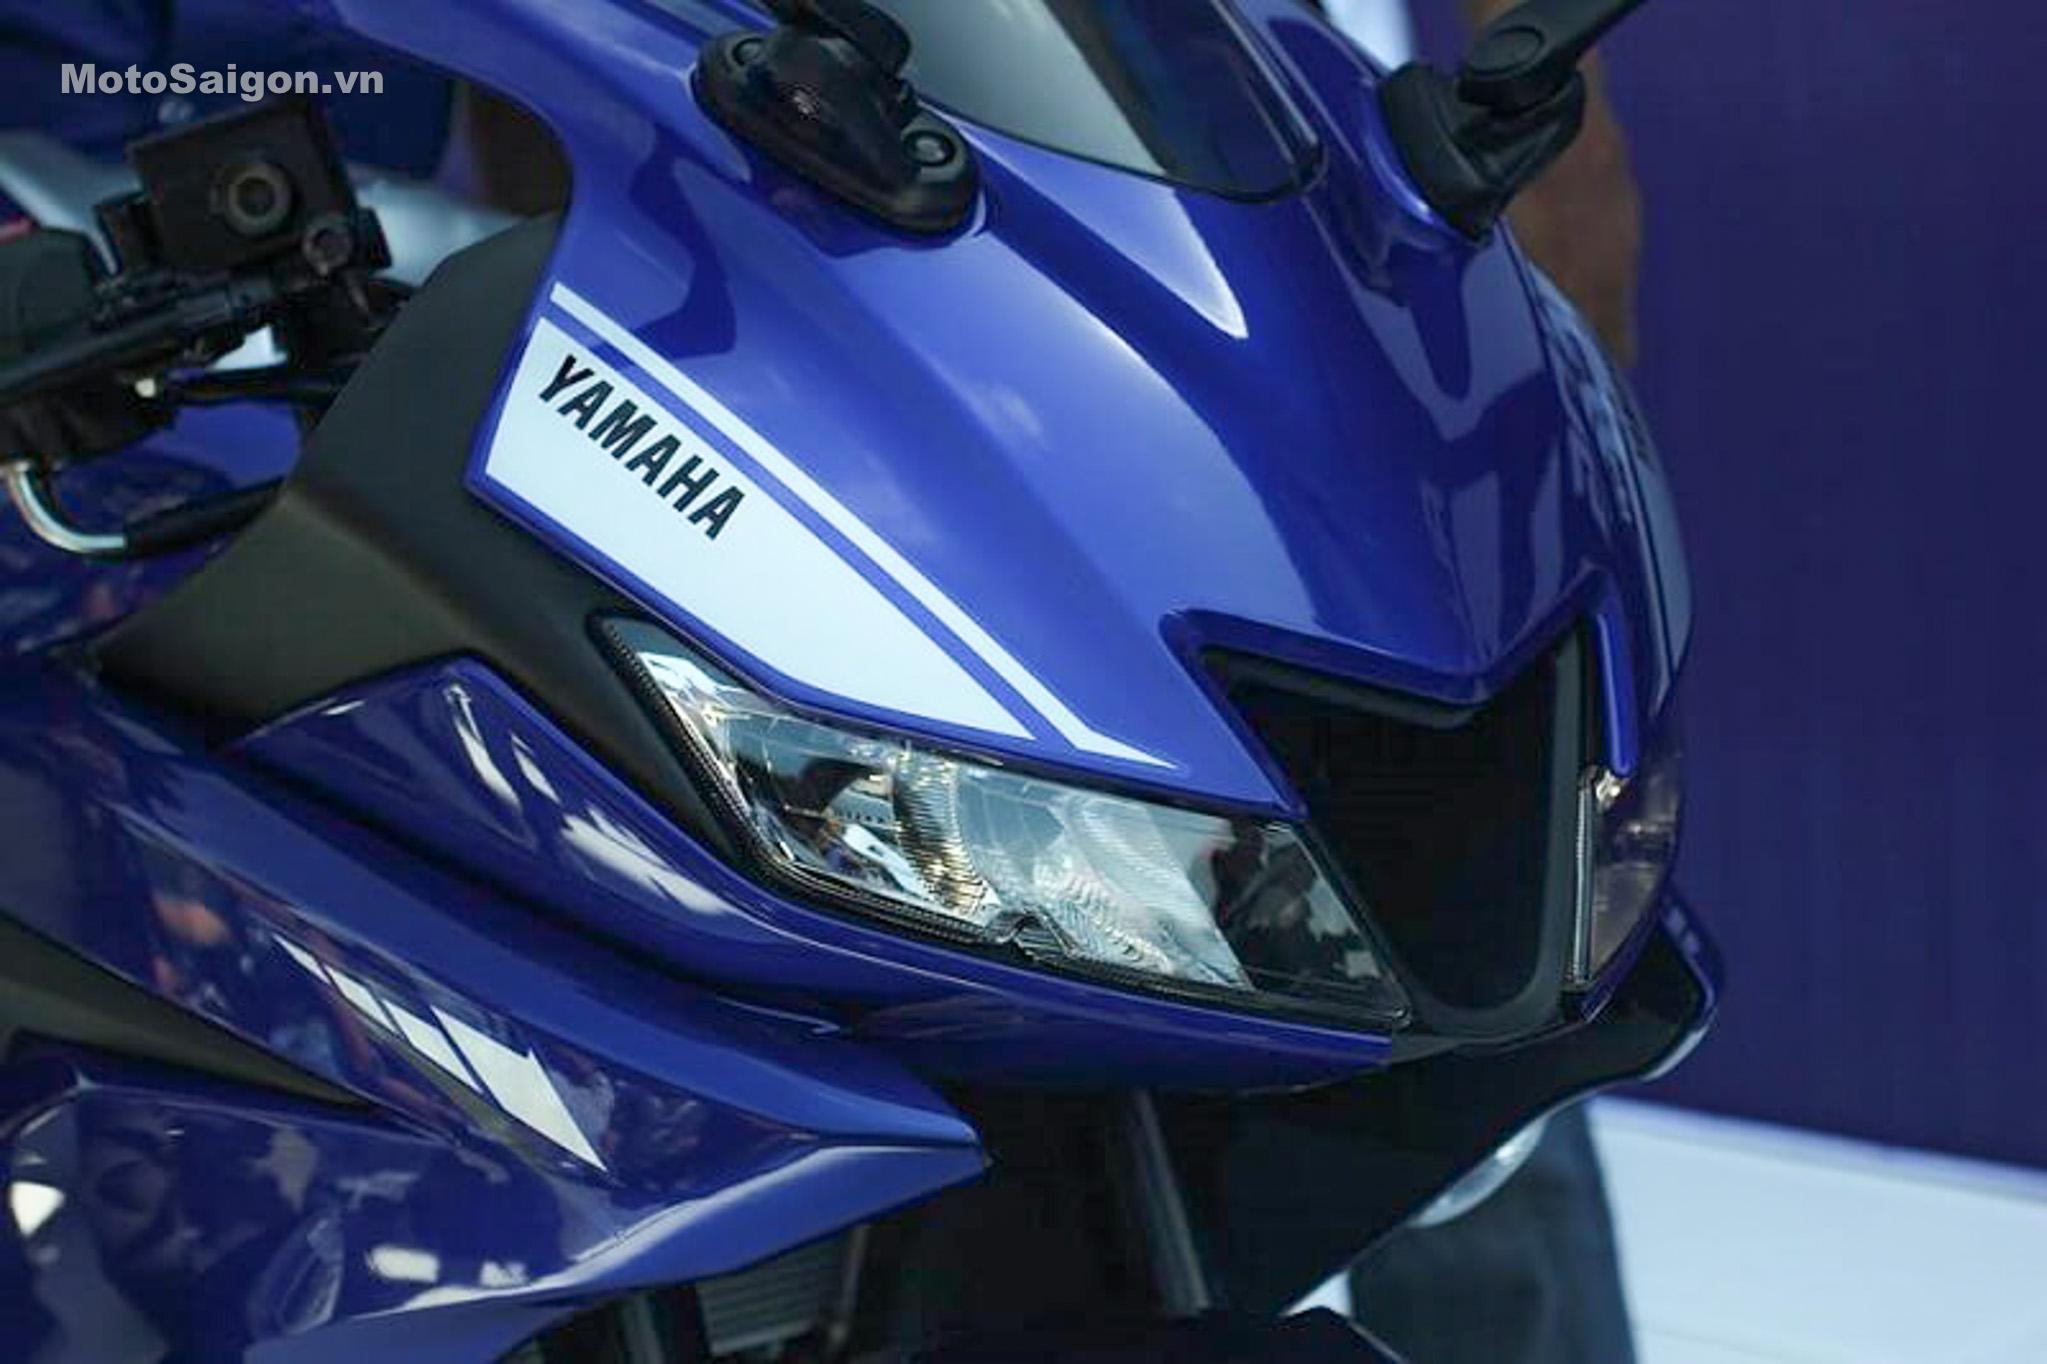 danh-gia-xe-yamaha-r15-v3-2017-hinh-anh-motosaigon-14